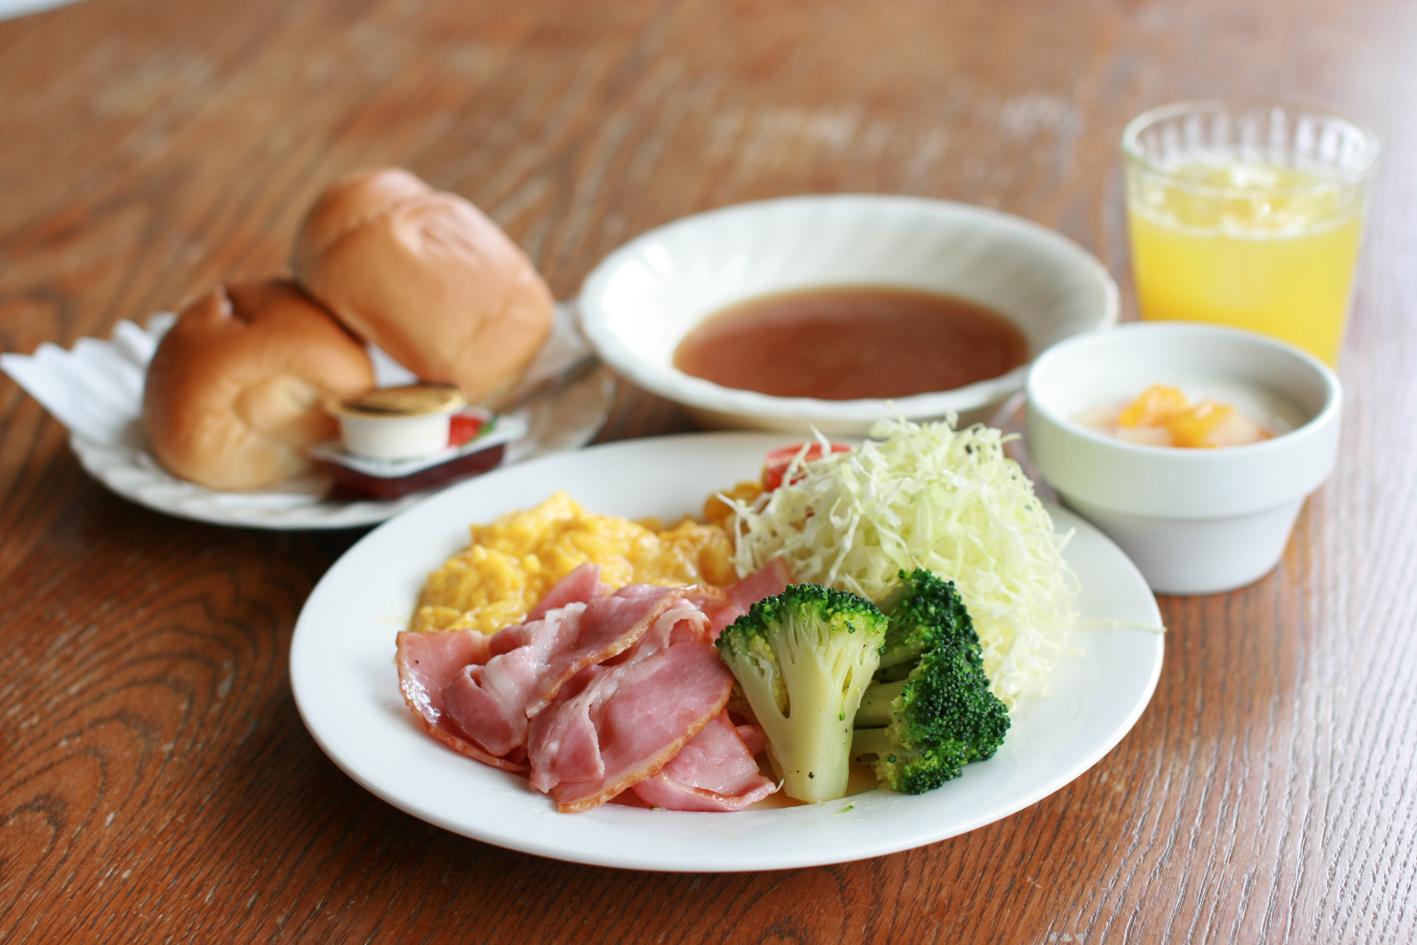 朝食 ¥770(¥550小学生以下) 洋食(事前の申し込みが必要です。メニューは当方にて決定しております)